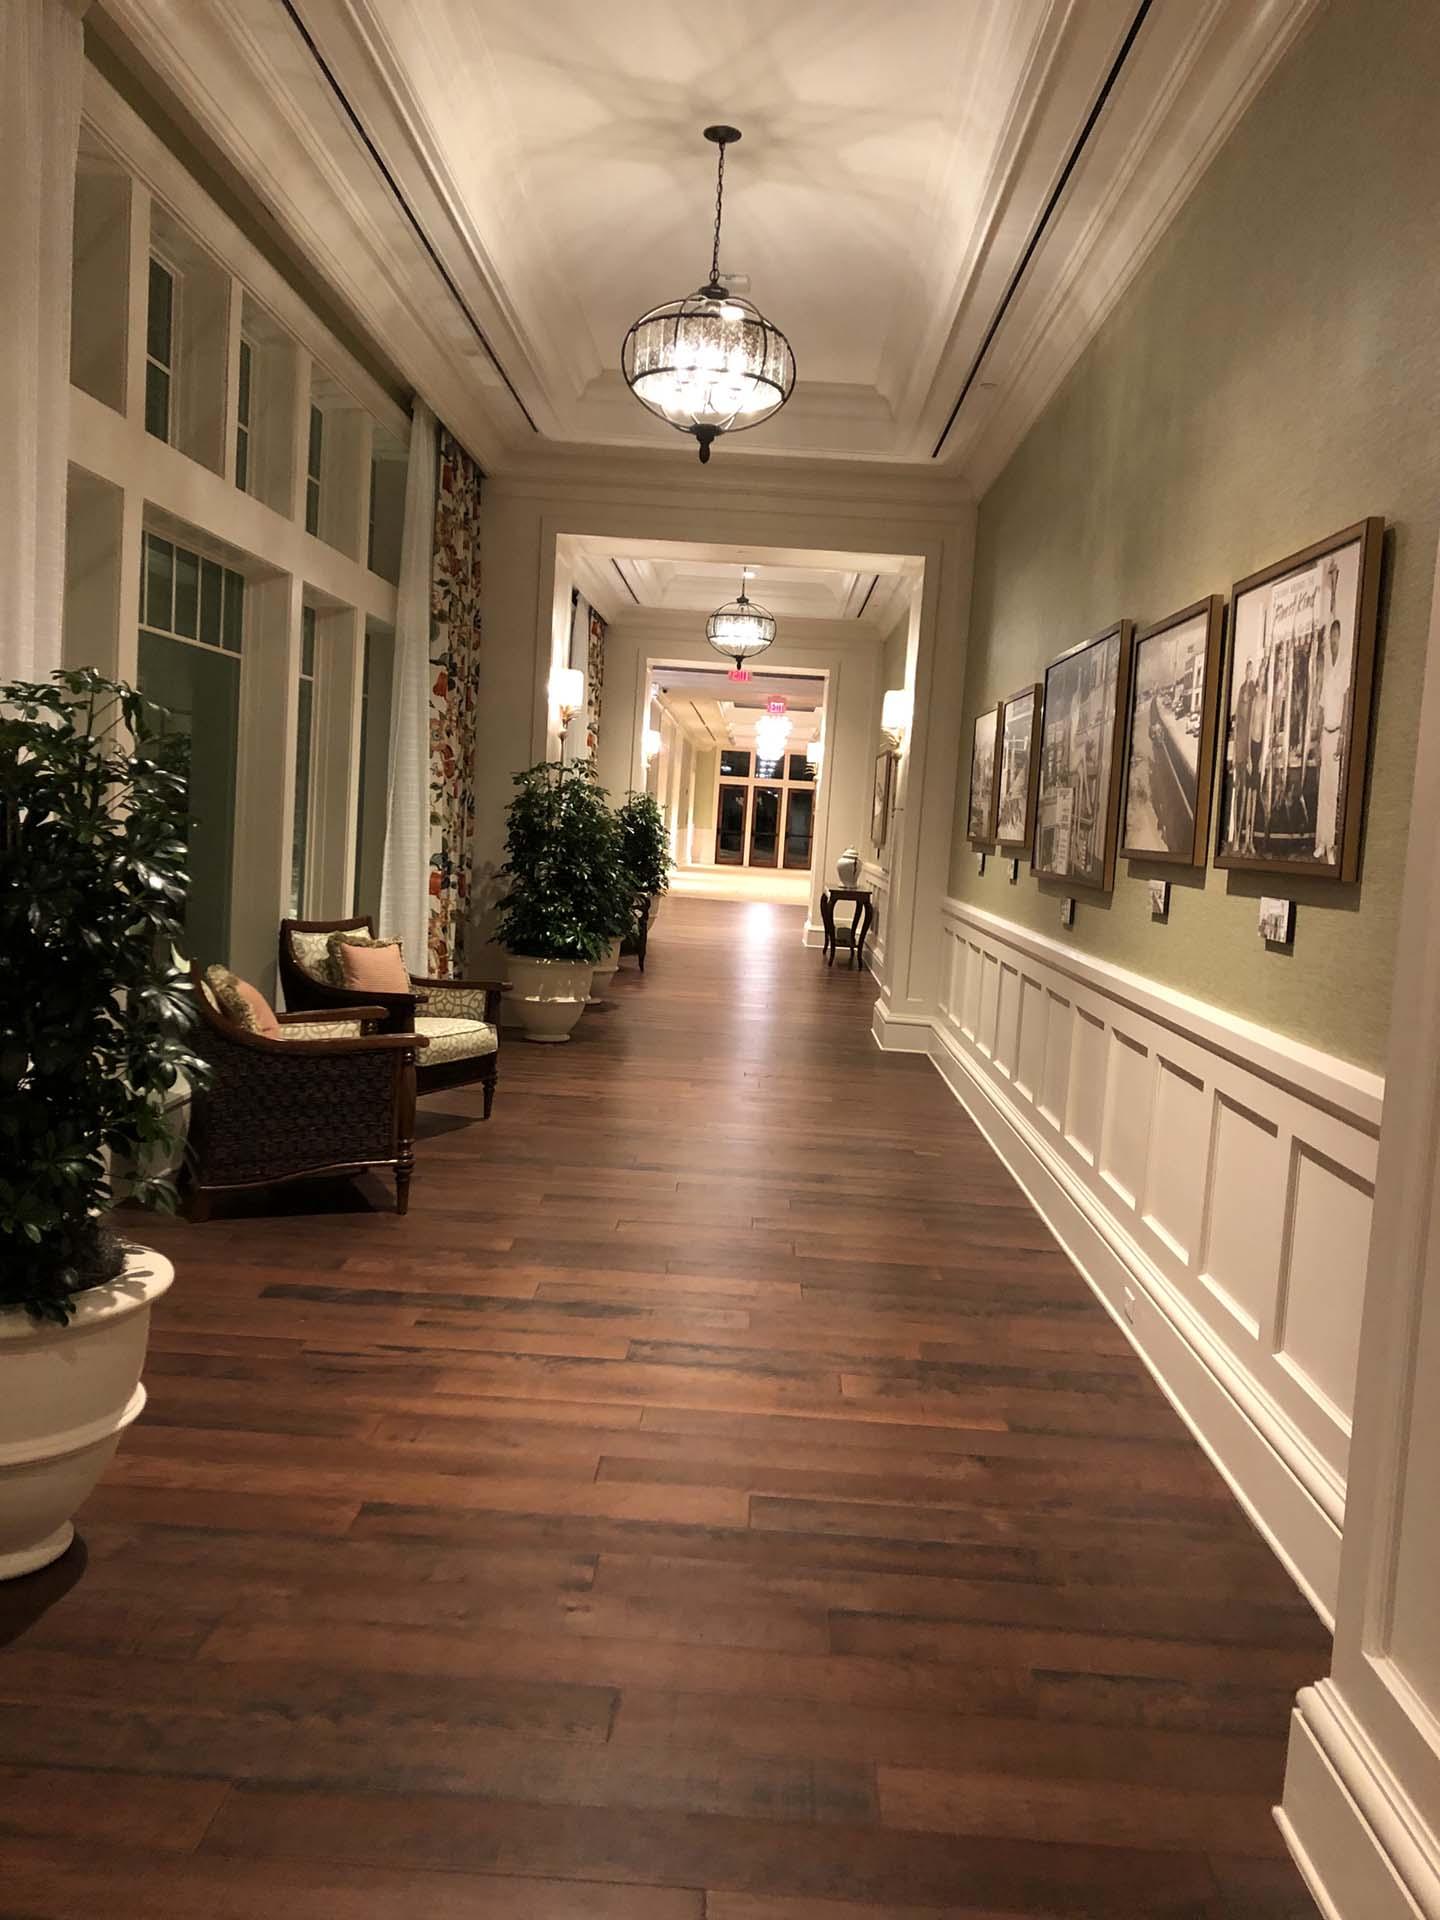 Wedding venue hallway